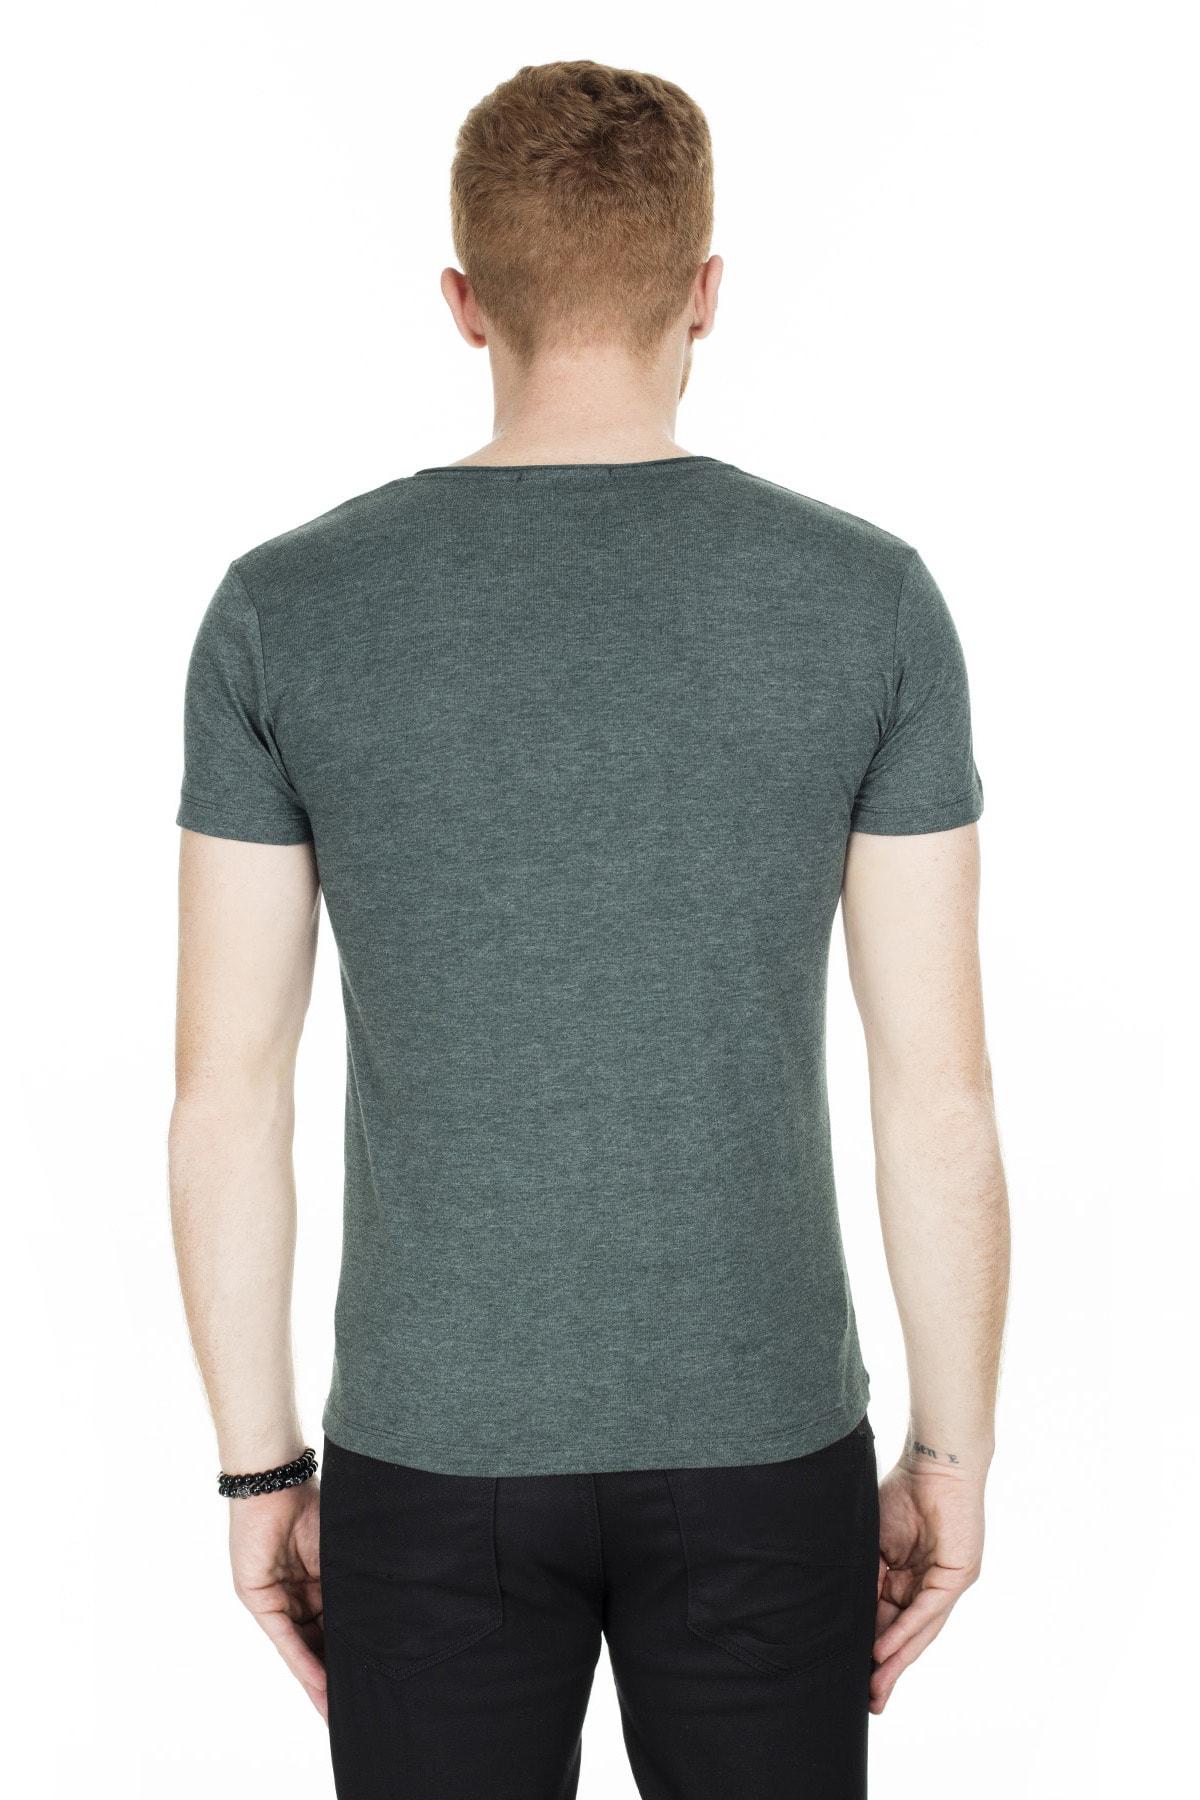 Buratti Erkek Yeşil V Yaka Pamuklu Basic T Shirt 54153 1